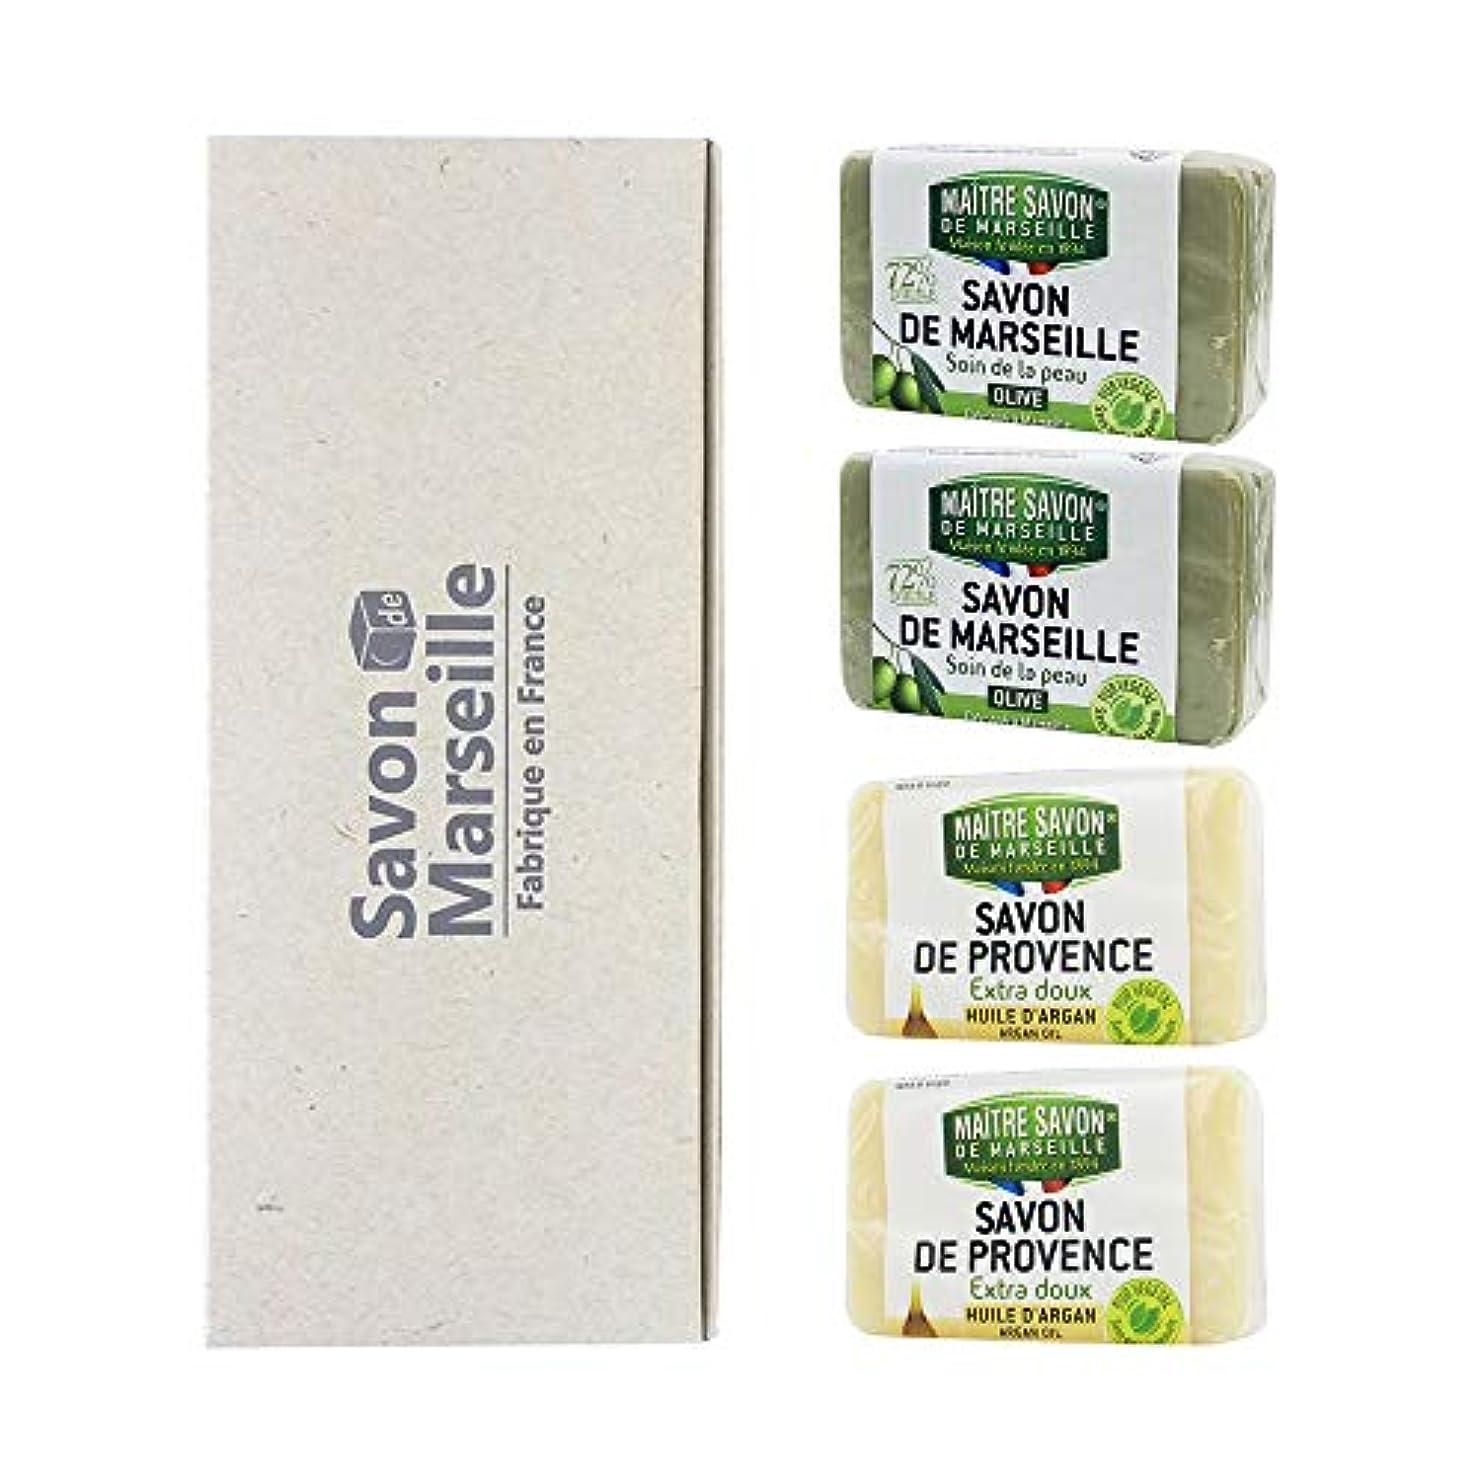 消毒剤ディスク社交的マルセイユソープ 4SOAPS BOX オリーブ&アルガン